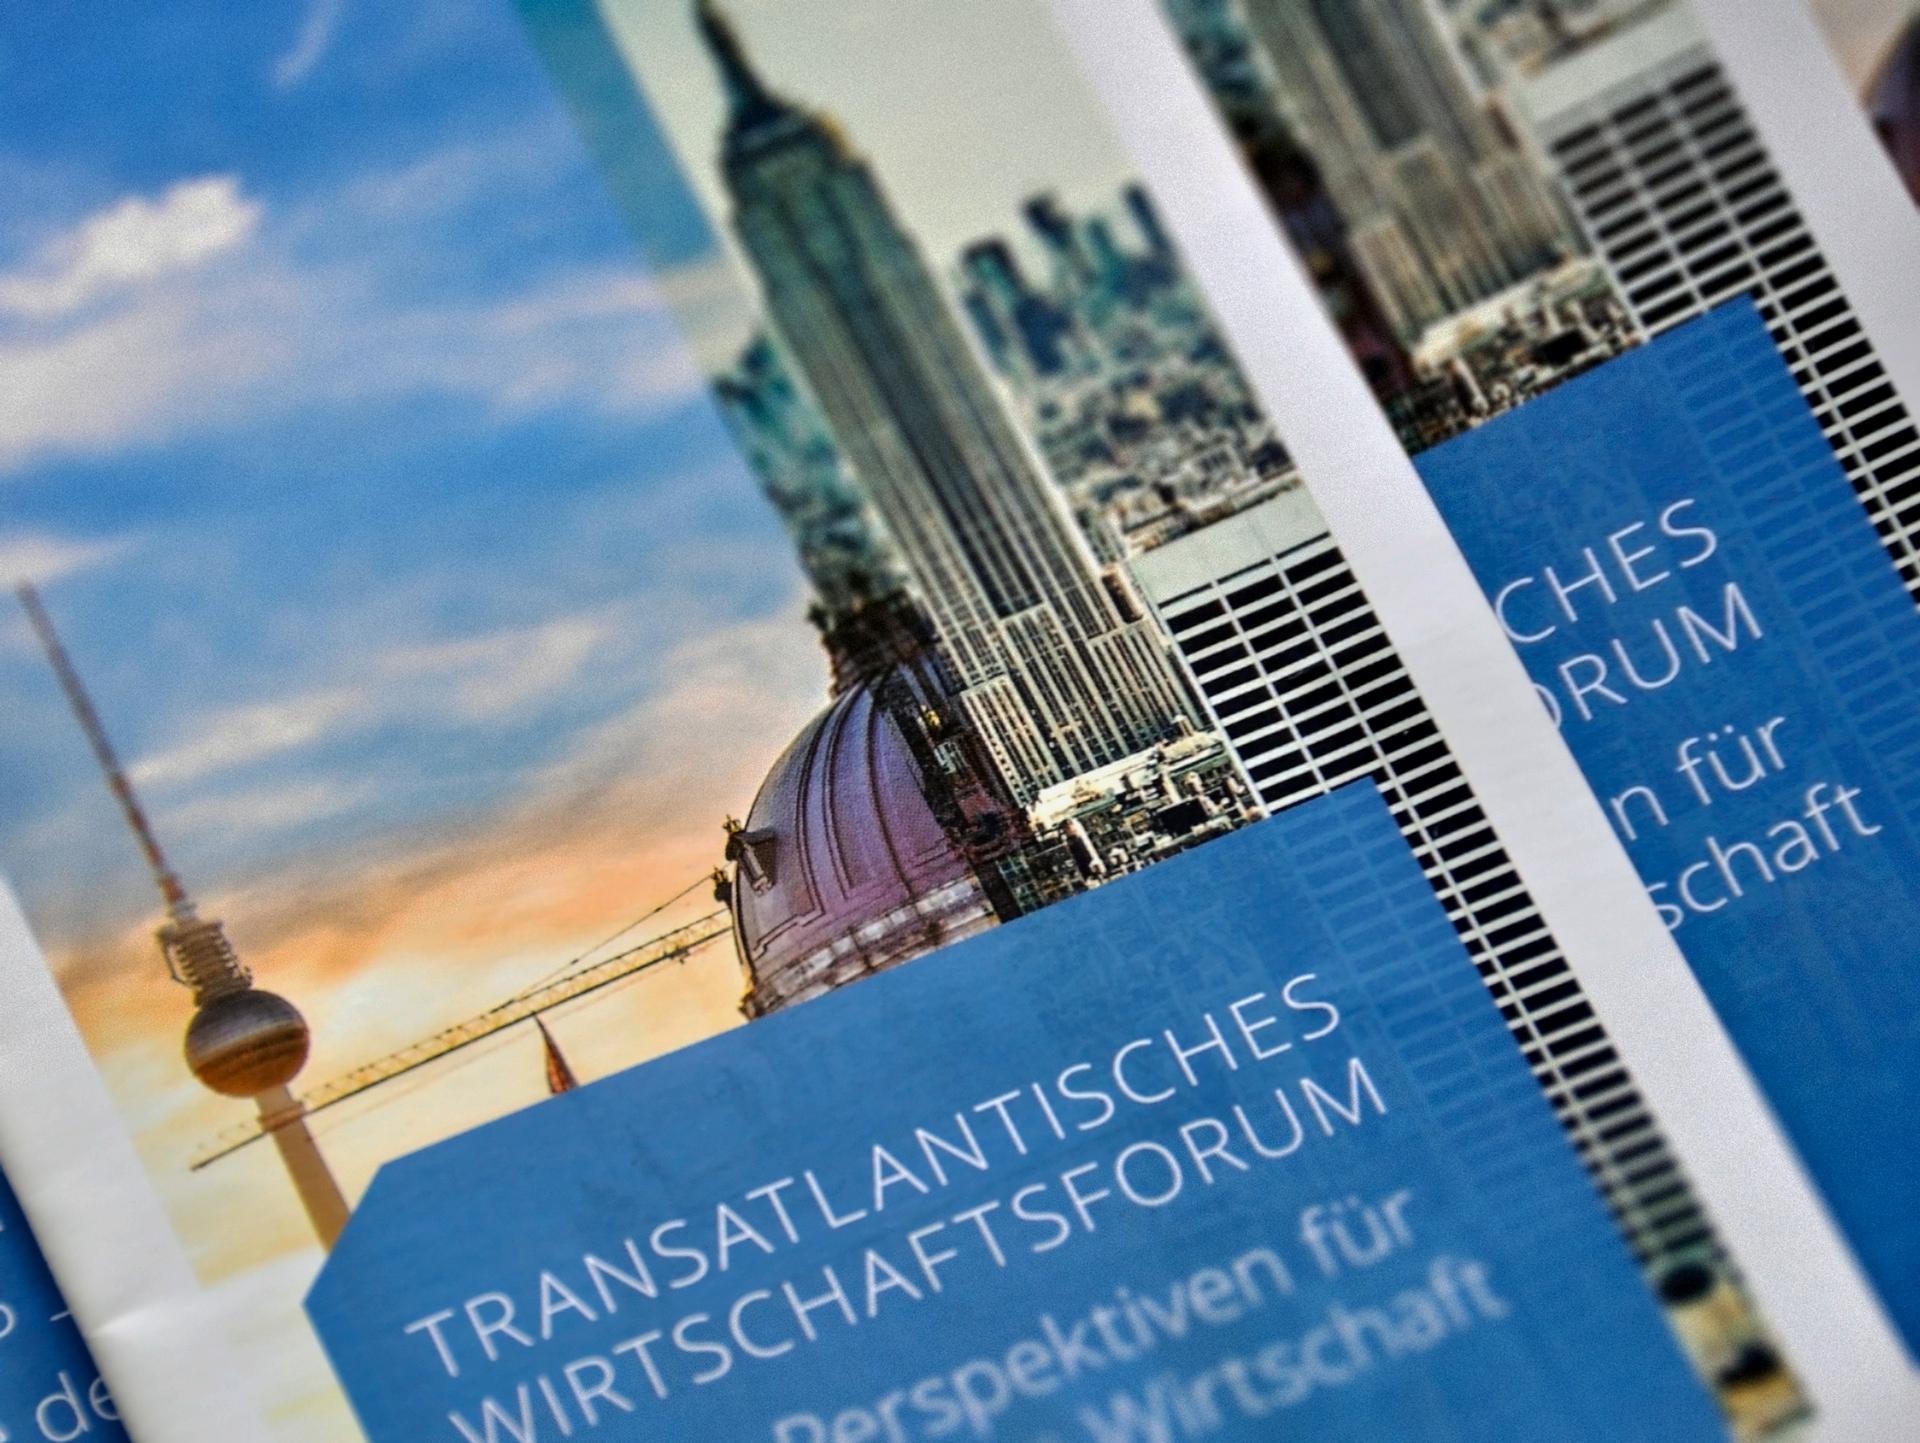 Transatlantisches wirtschaftsforum - Veranstaltungsdesign 2015 Berlin